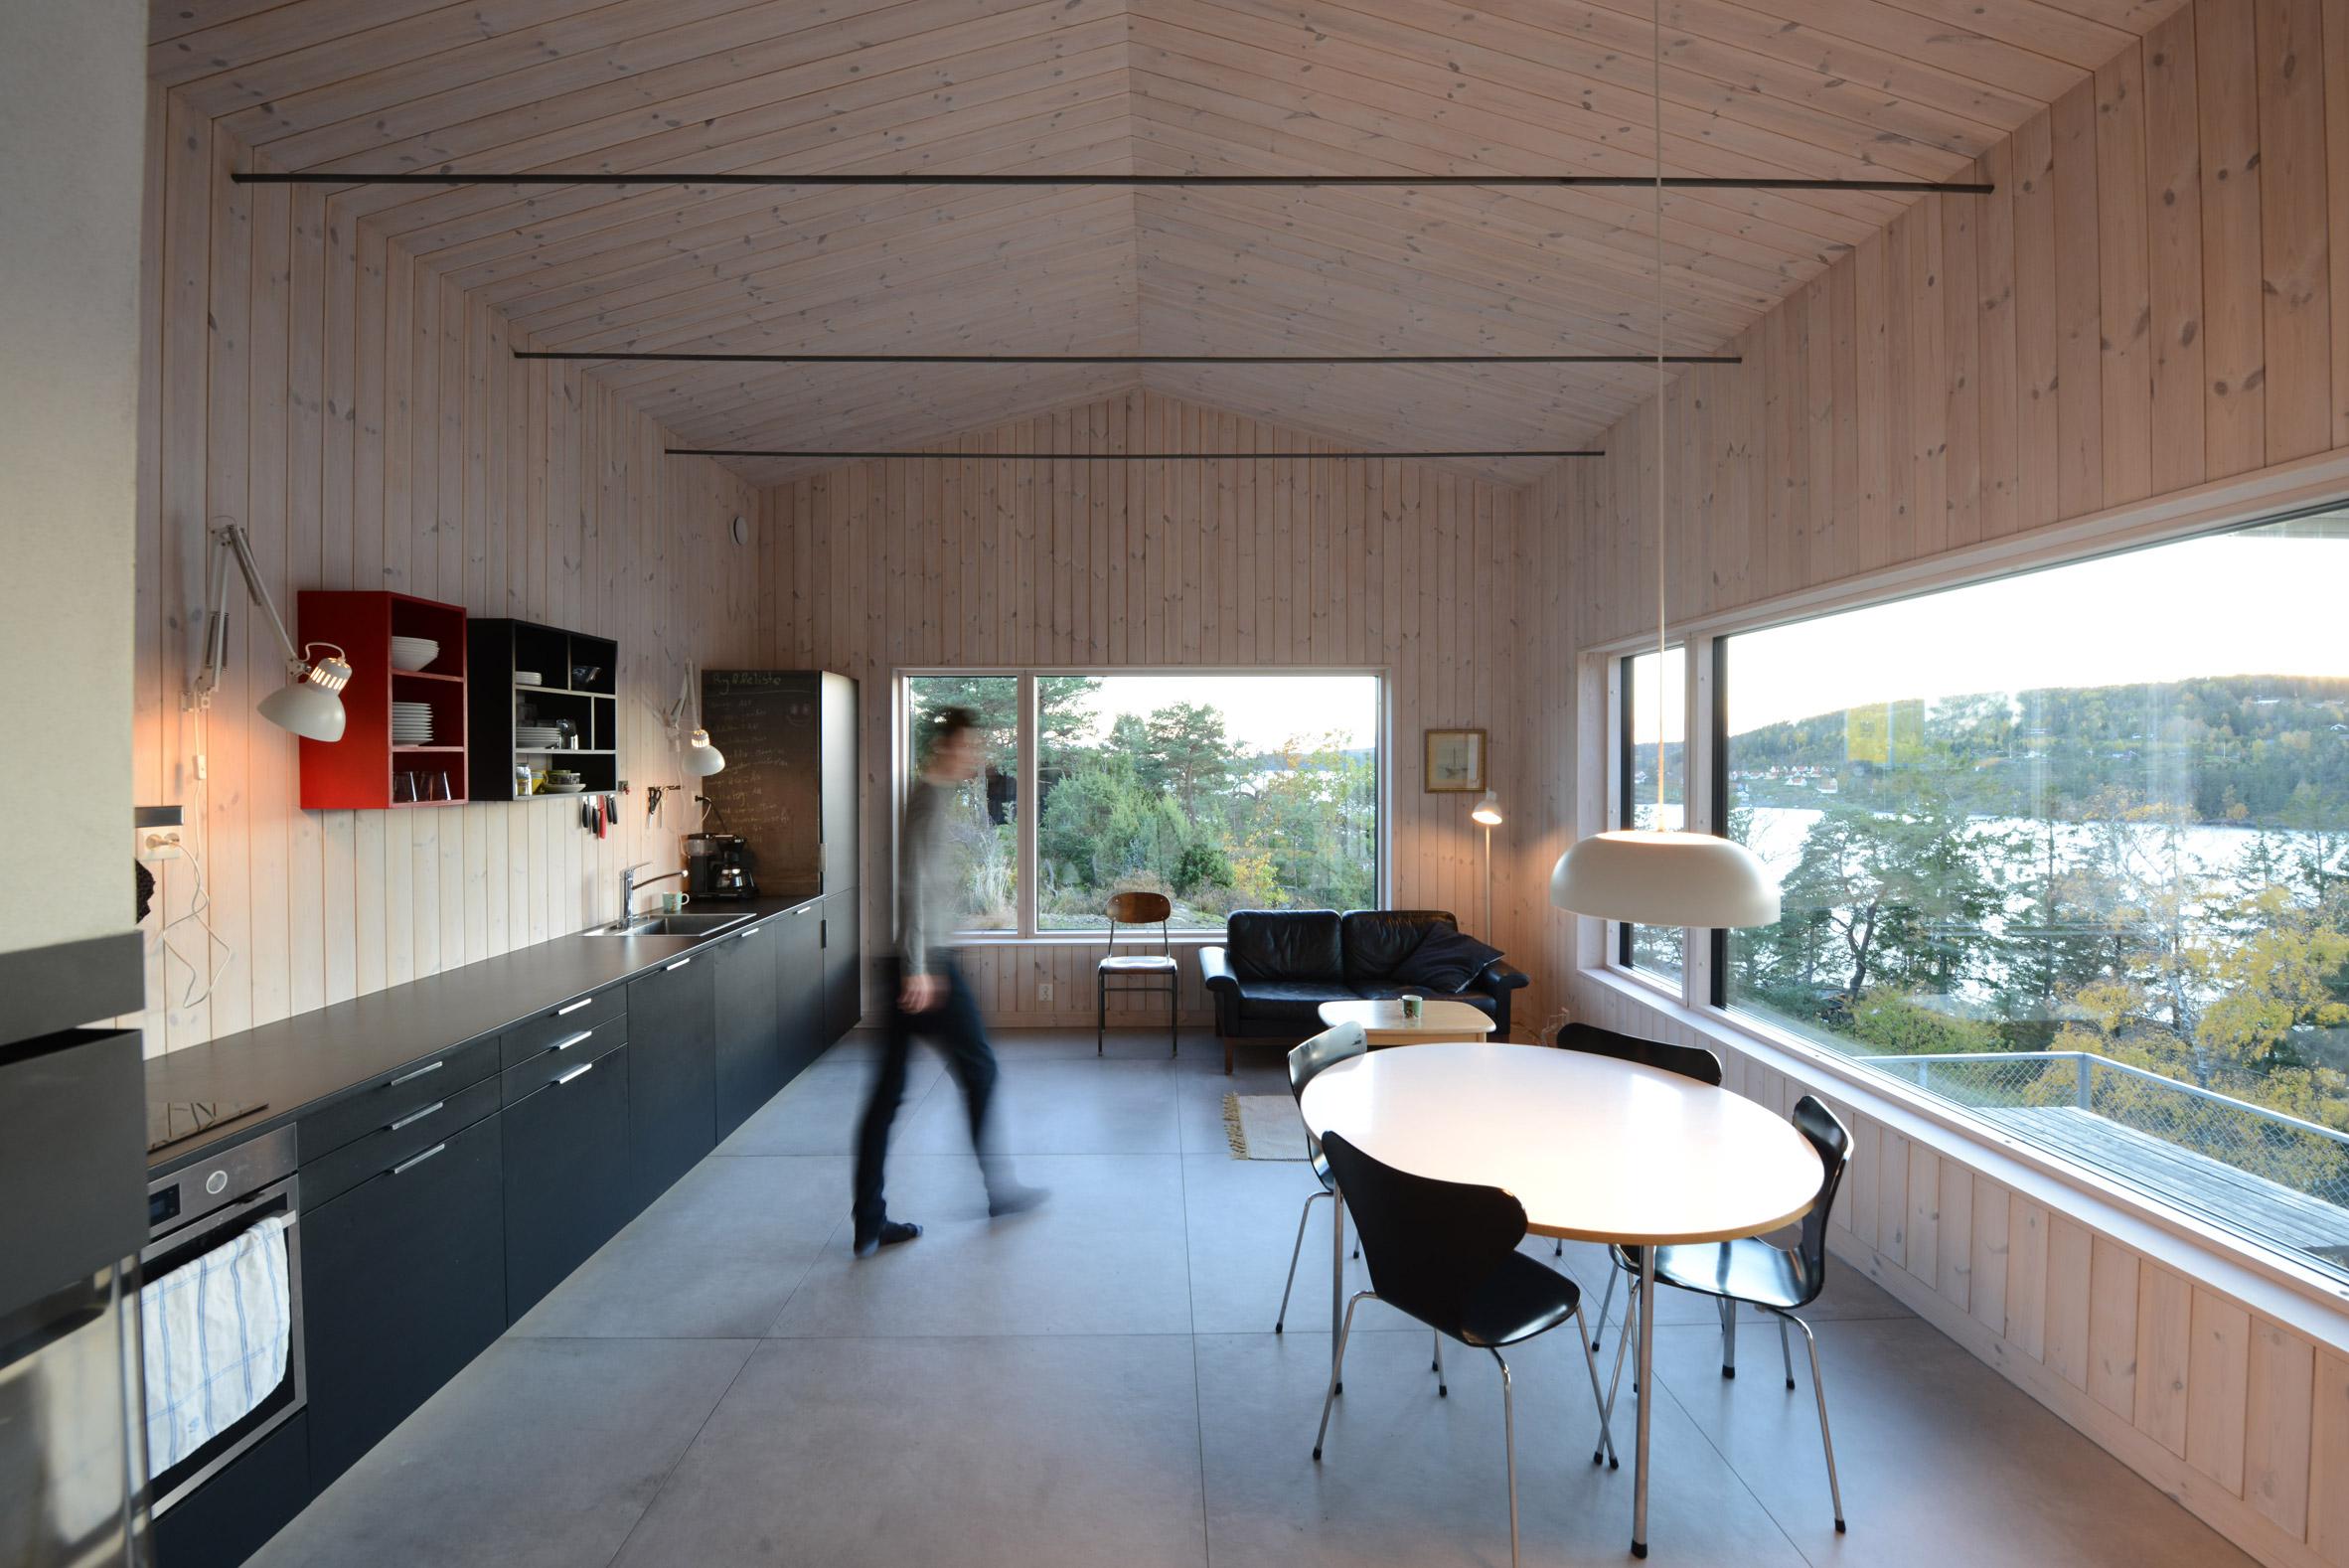 Salón-cocina de planta abierta